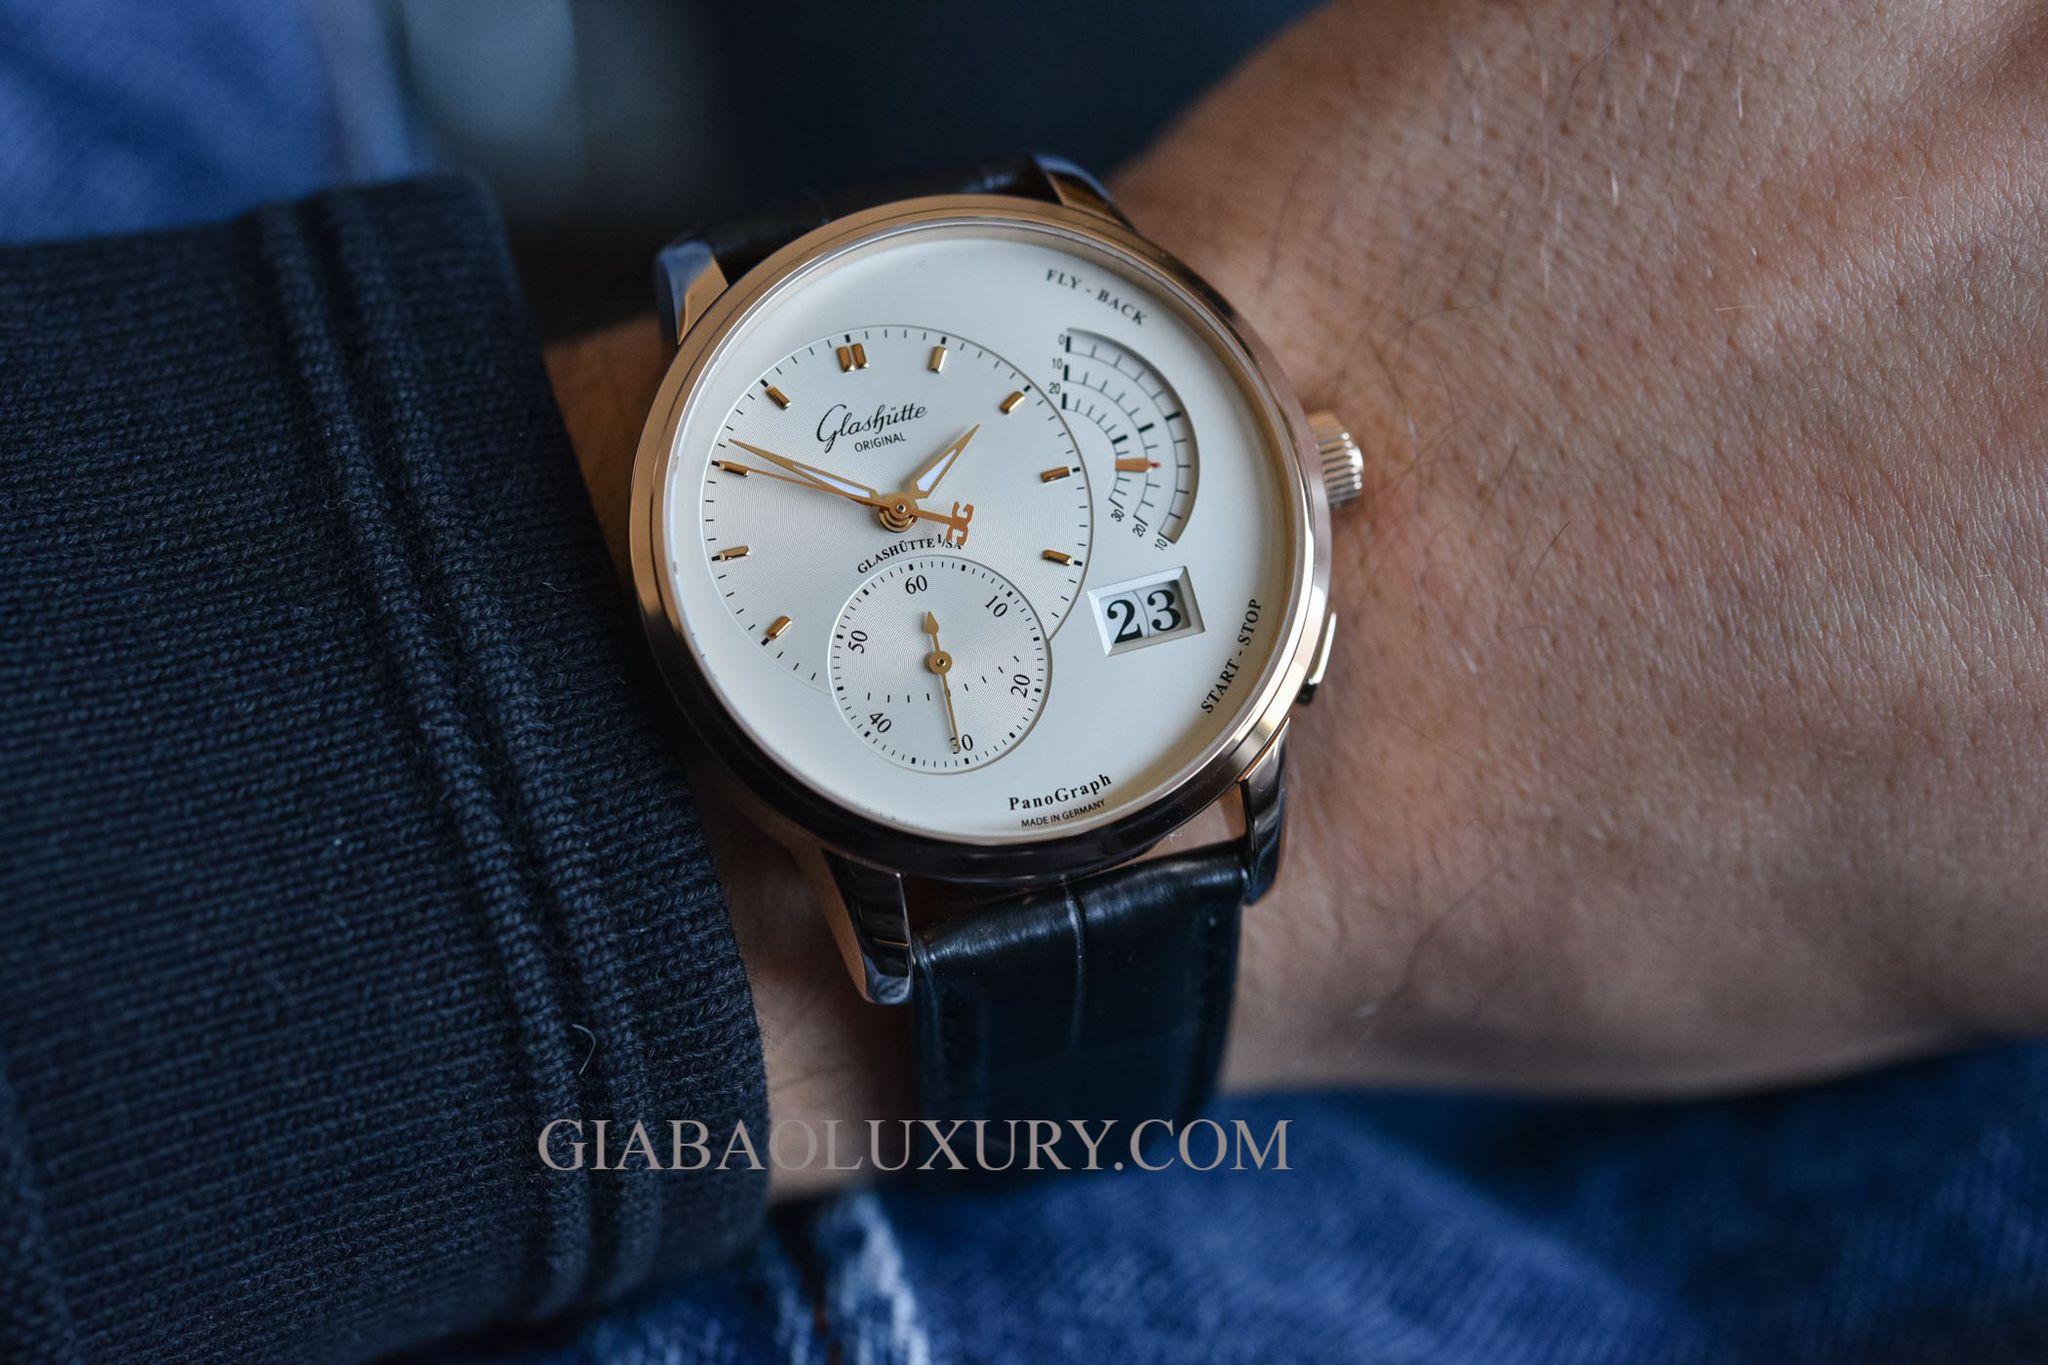 Thu mua đồng hồ Glashutte Original chính hãng tại Gia Bảo Luxury